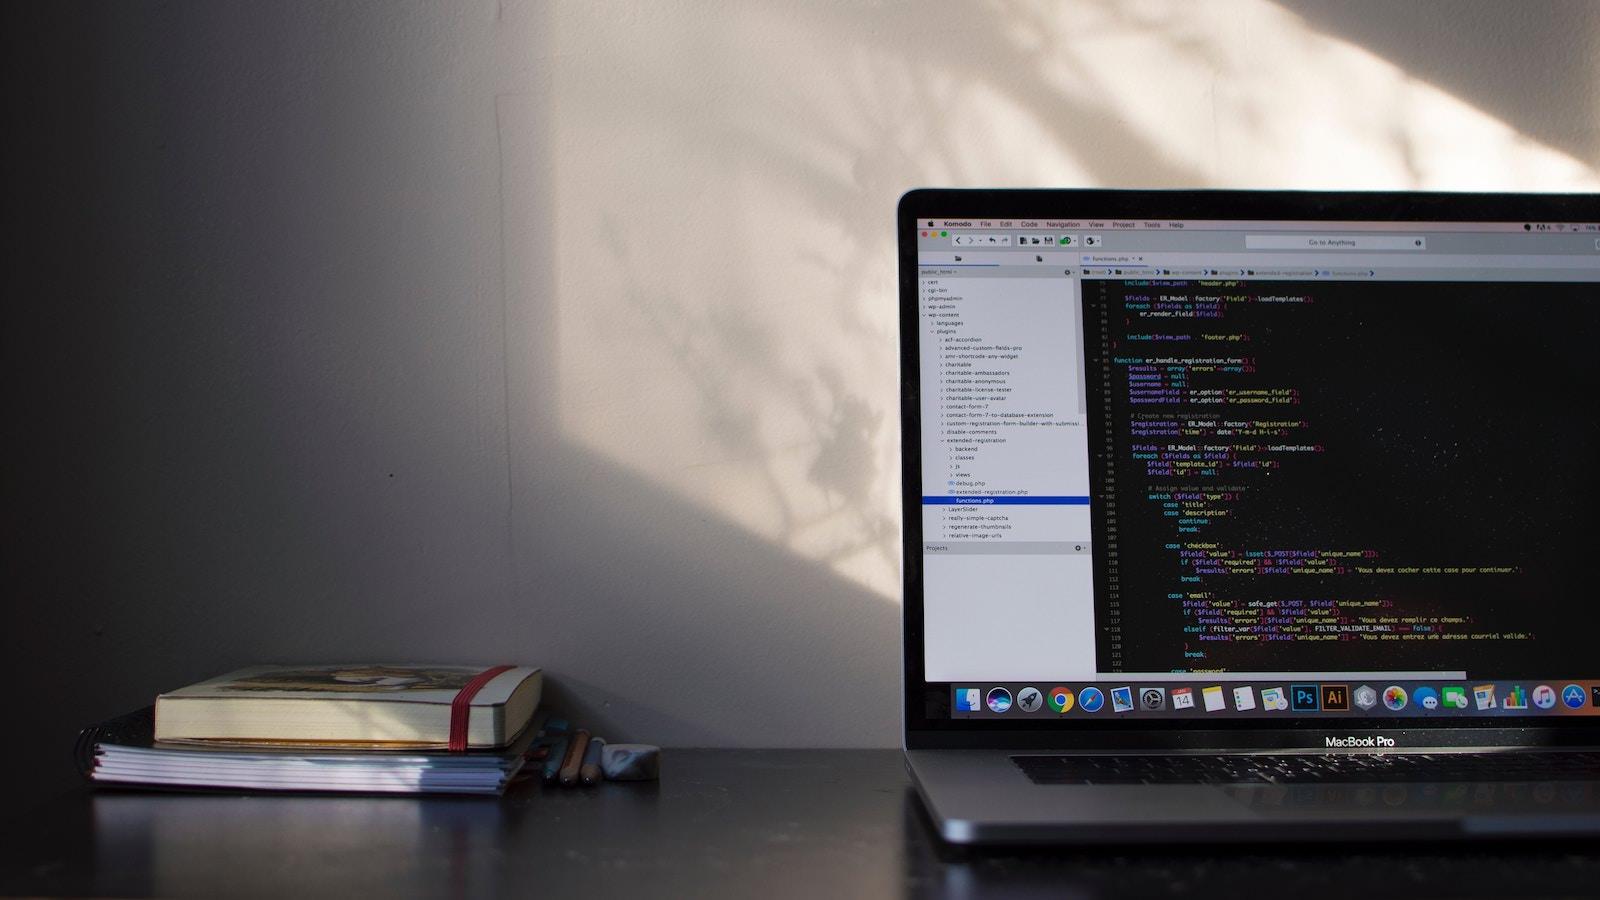 自分の使っているMacアプリが64bitに対応しているか確認する方法